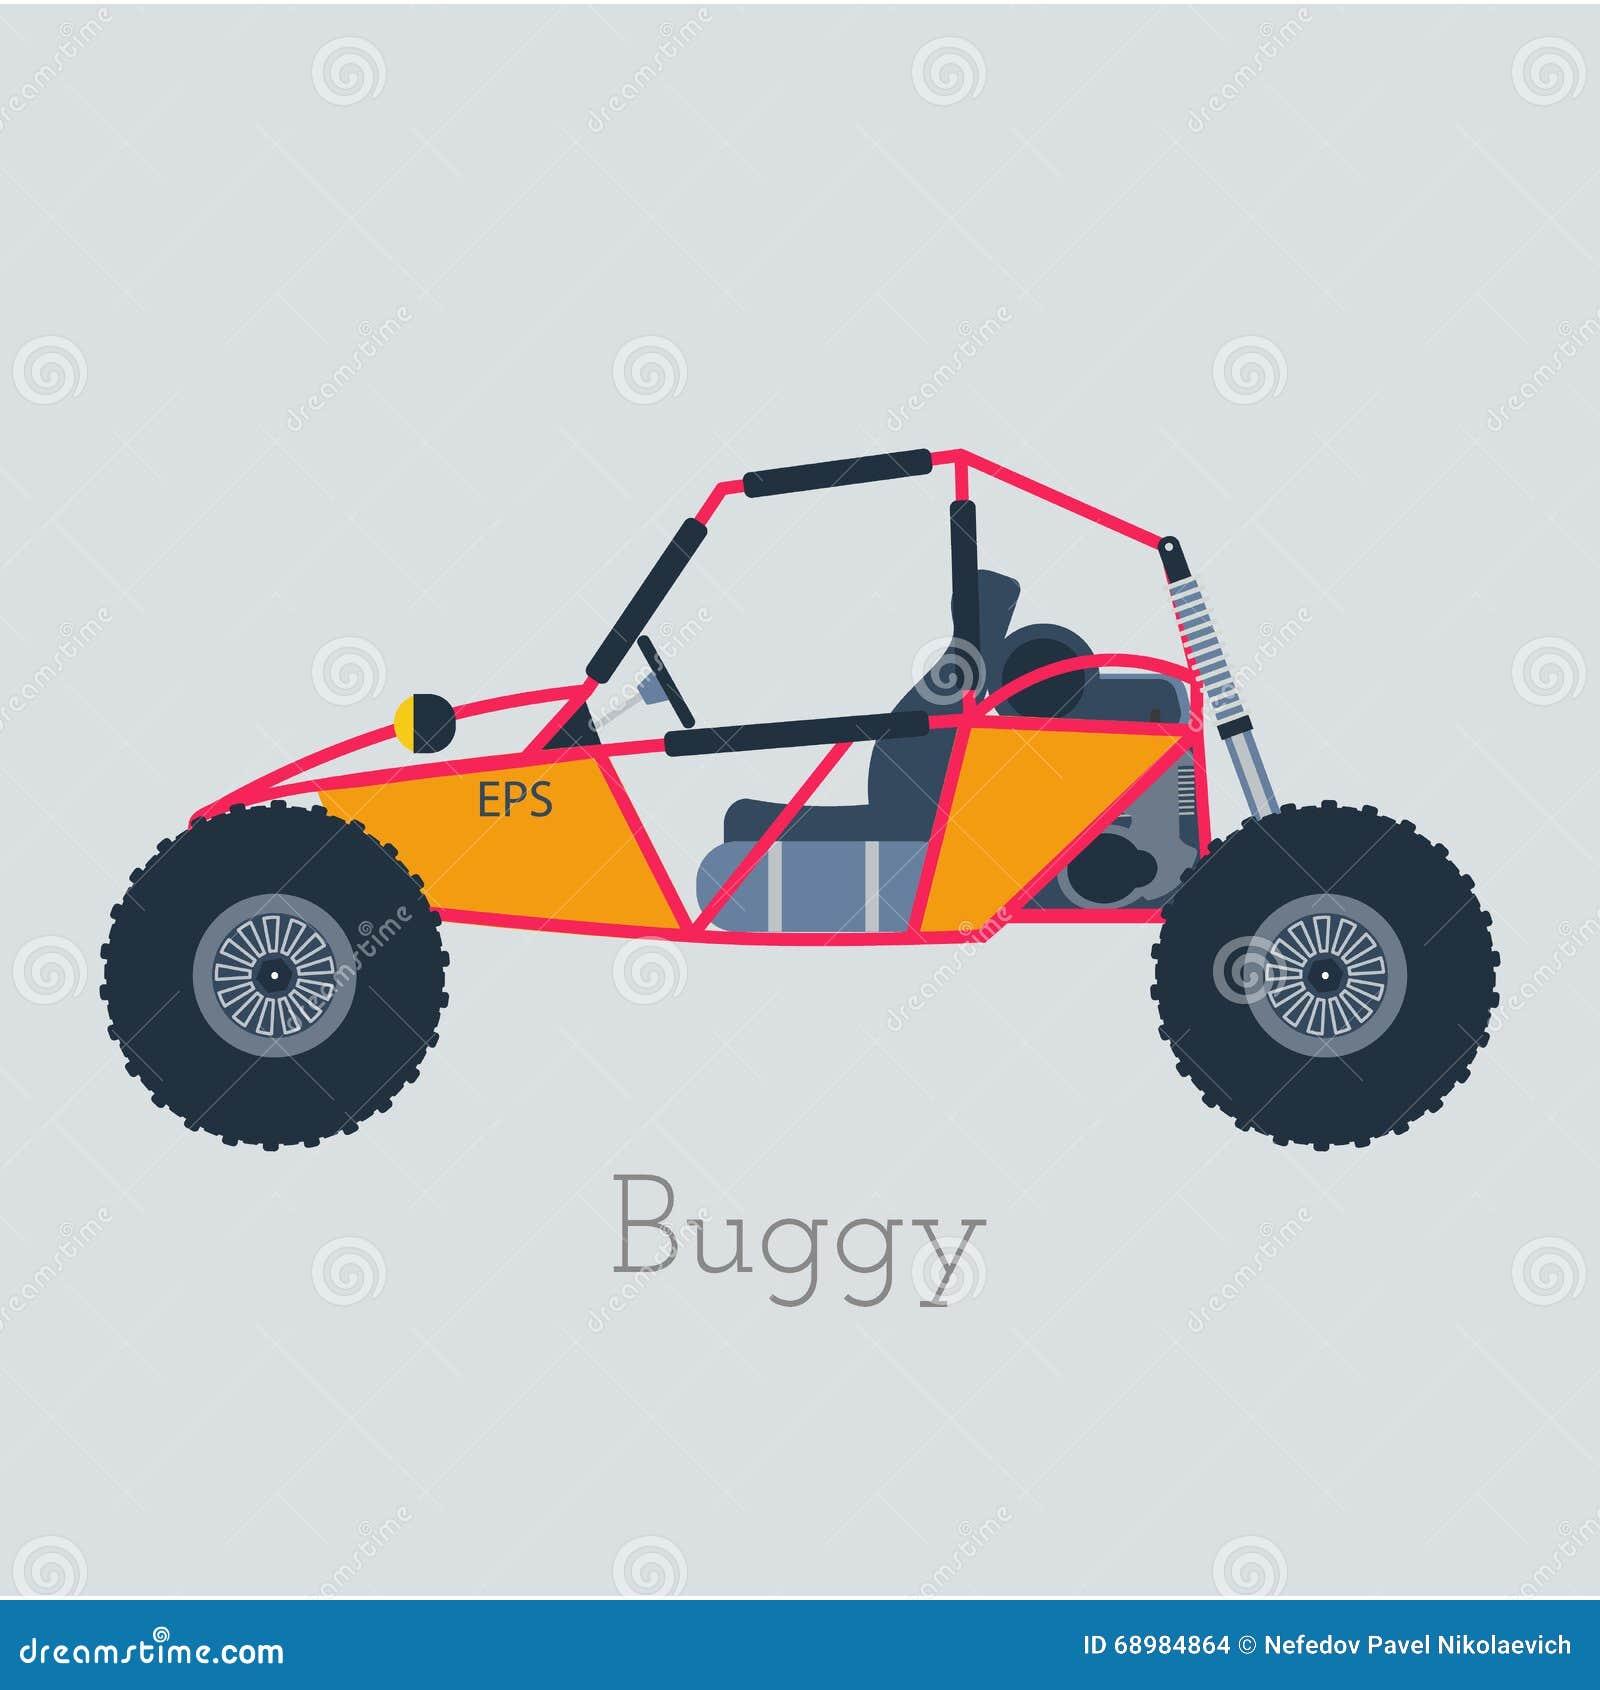 Illustration Des Buggys 4x4 Nicht Für Den Straßenverkehr Verwanztes ...